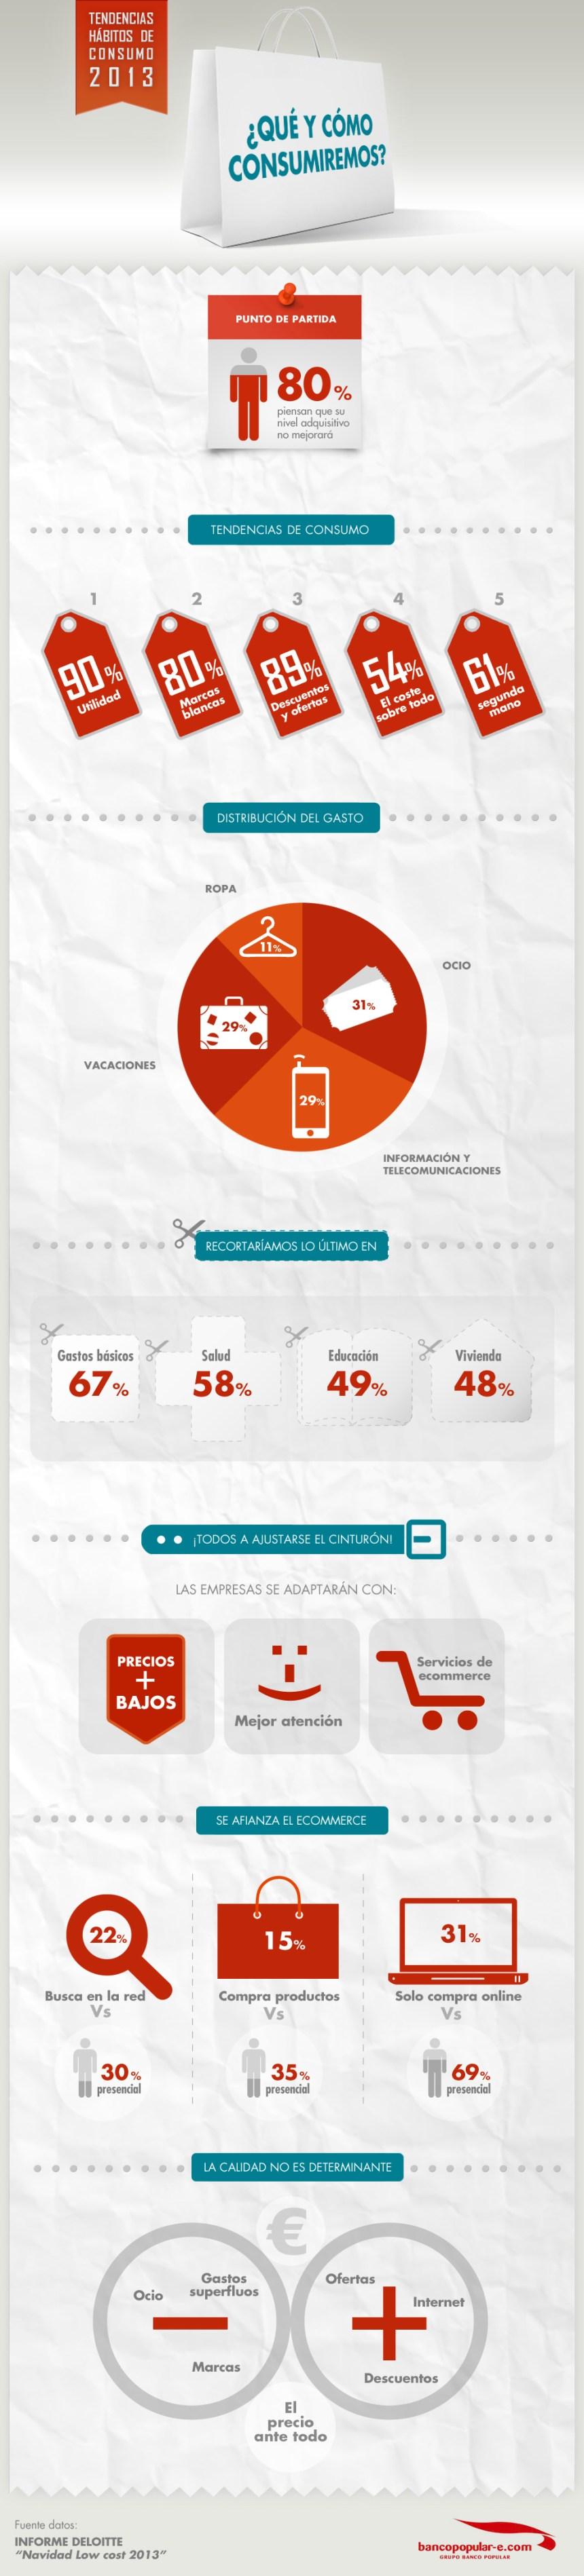 Que y cómo consumiremos los españoles en 2013